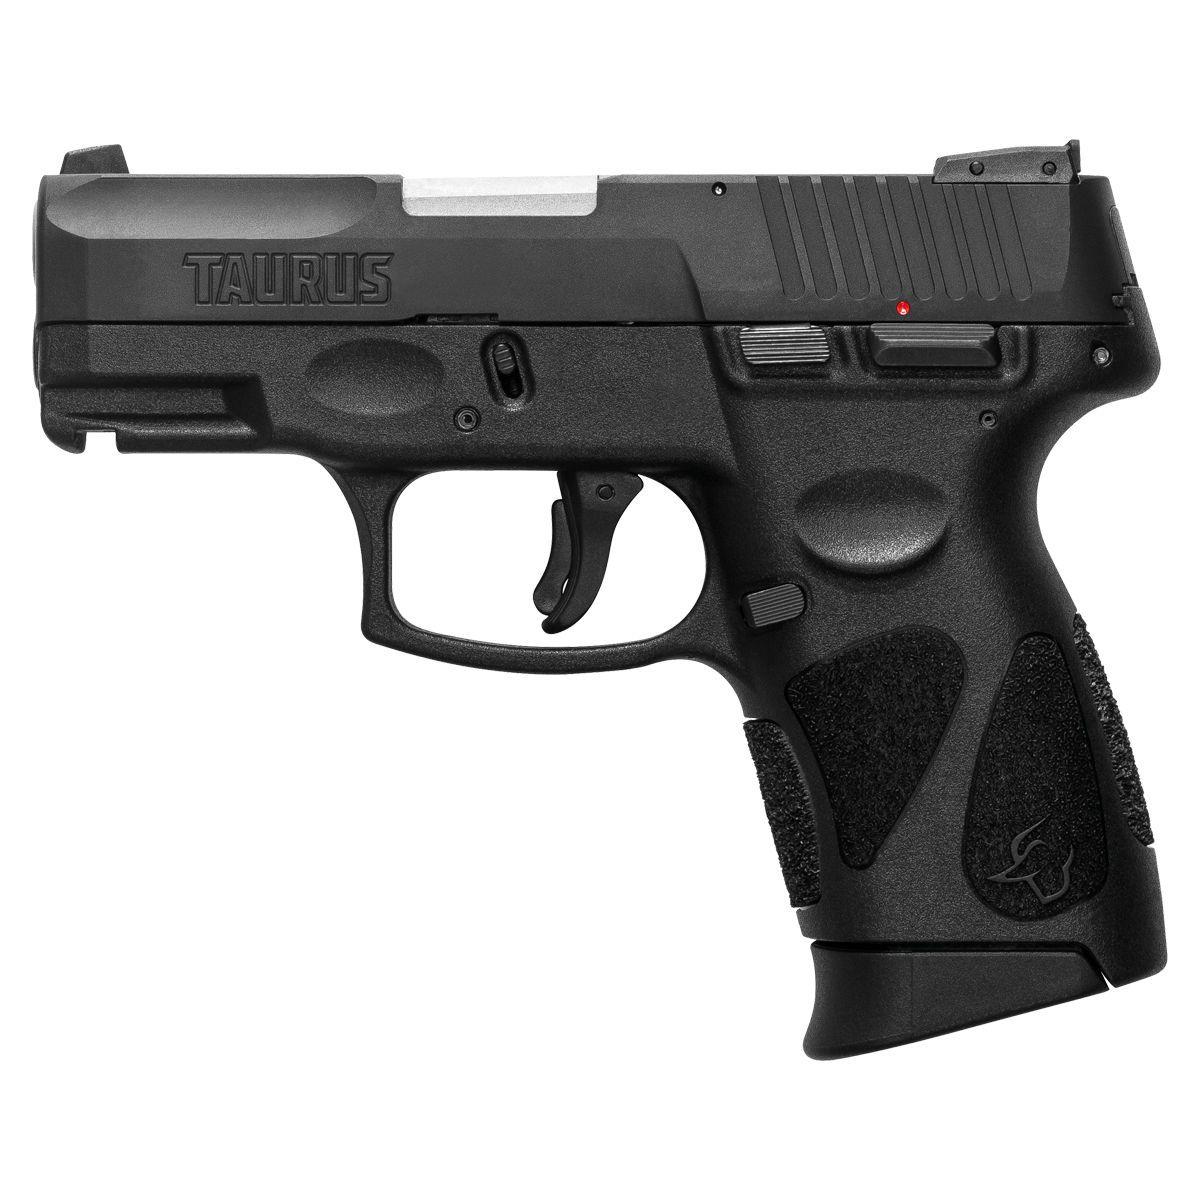 Pistola Taurus G2C - Cal .40 S&W 10+1 Tiros Carbono Fosco